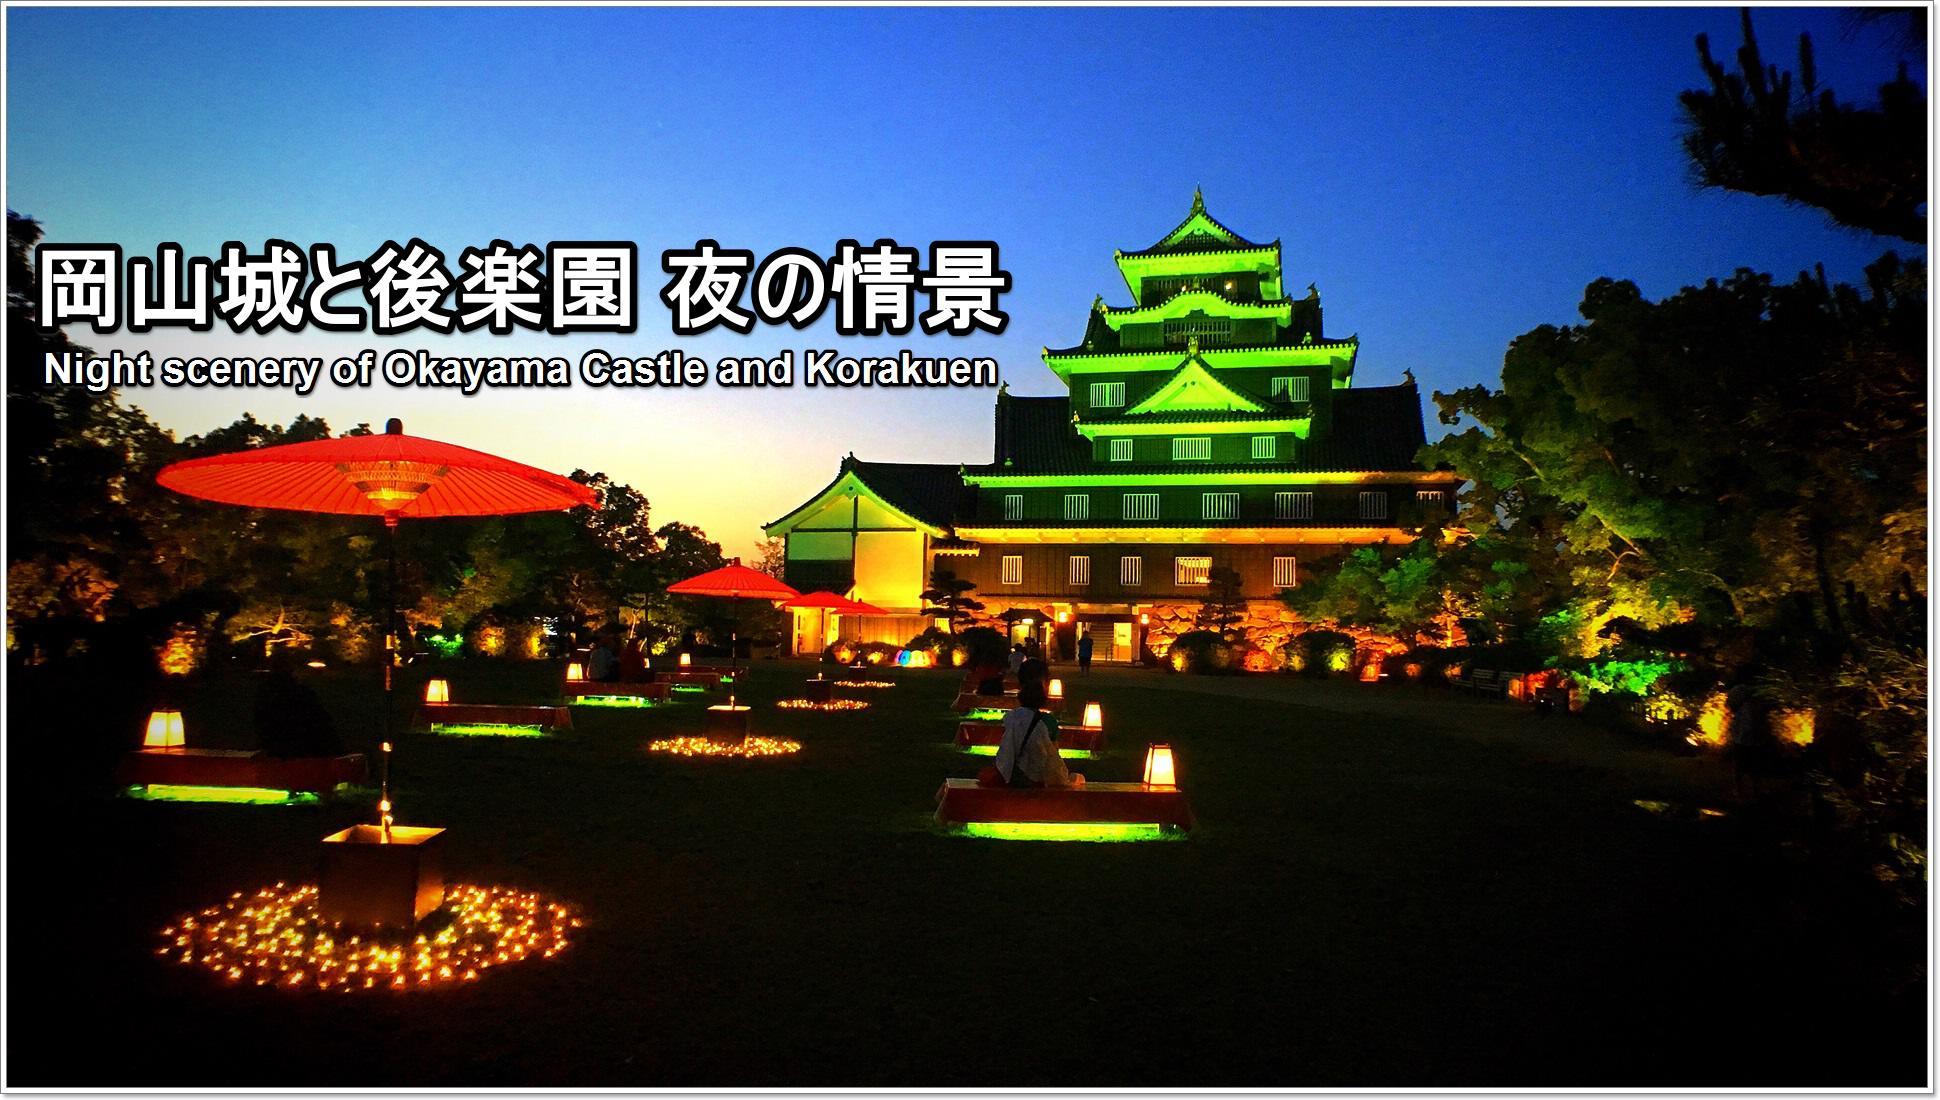 okayama-castle-01